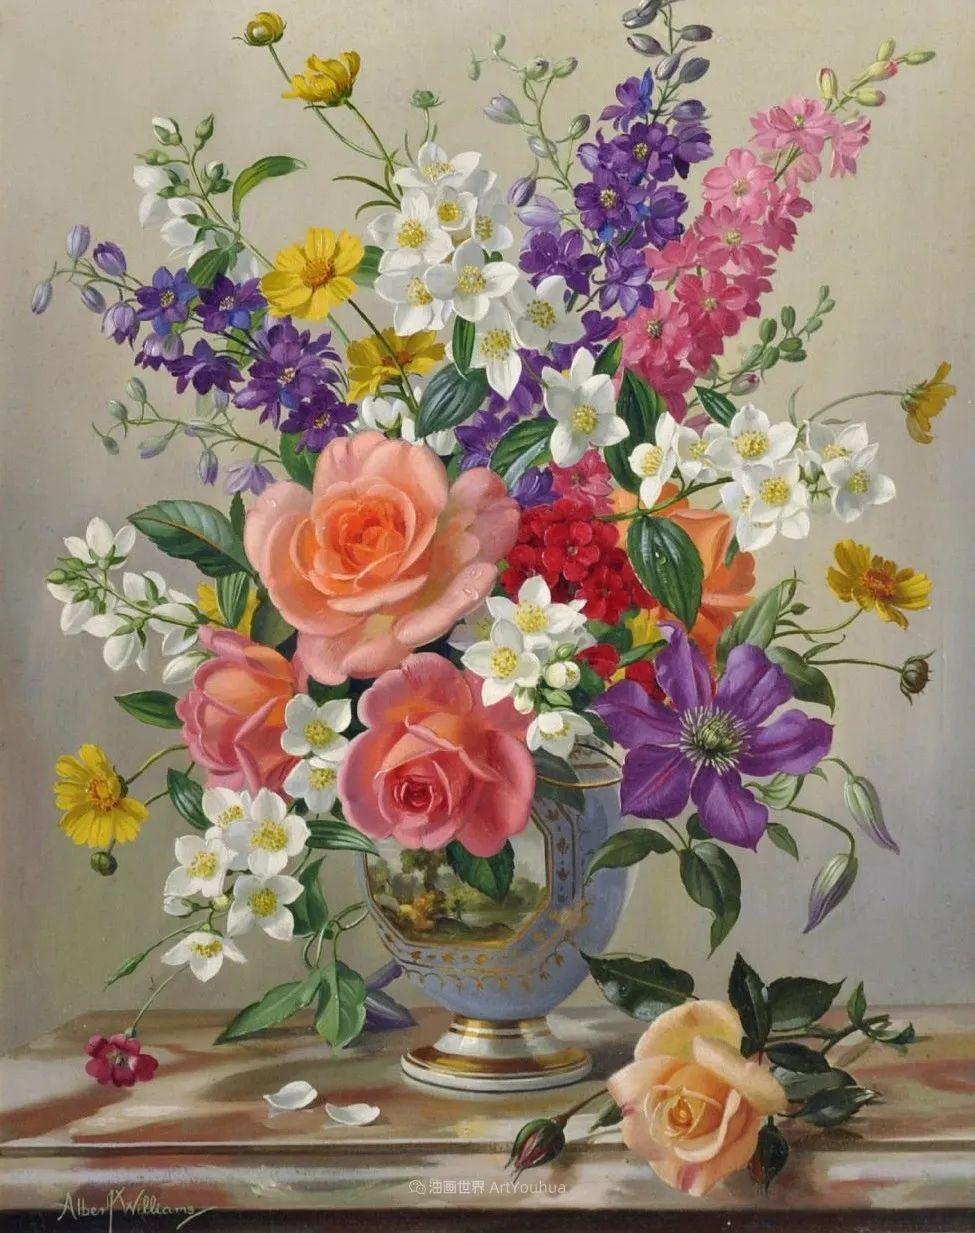 他放弃了古典风格,以更自然、个性化的风格绘画现代花卉!插图55